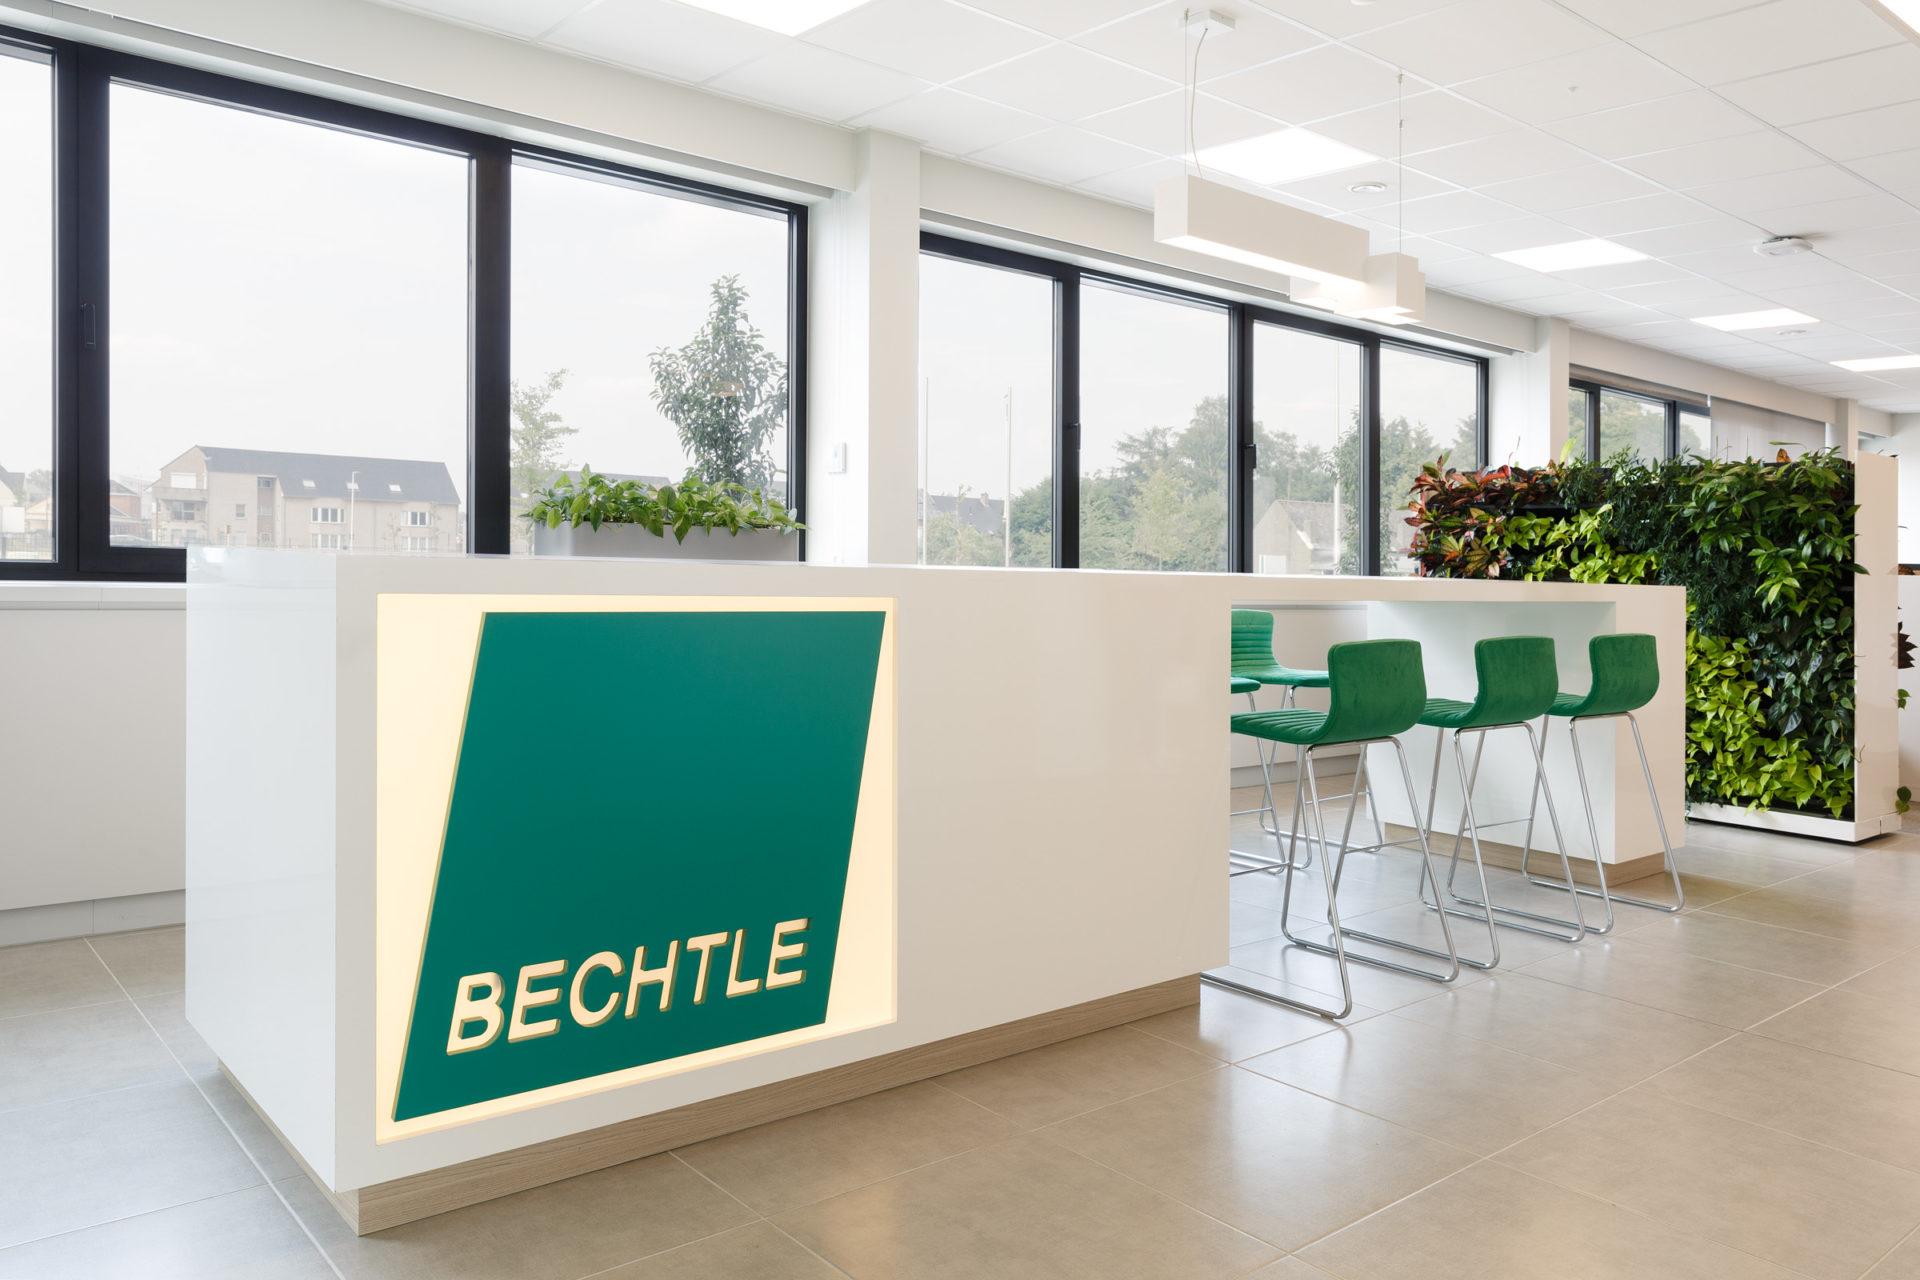 Bechtle-Belgie-21